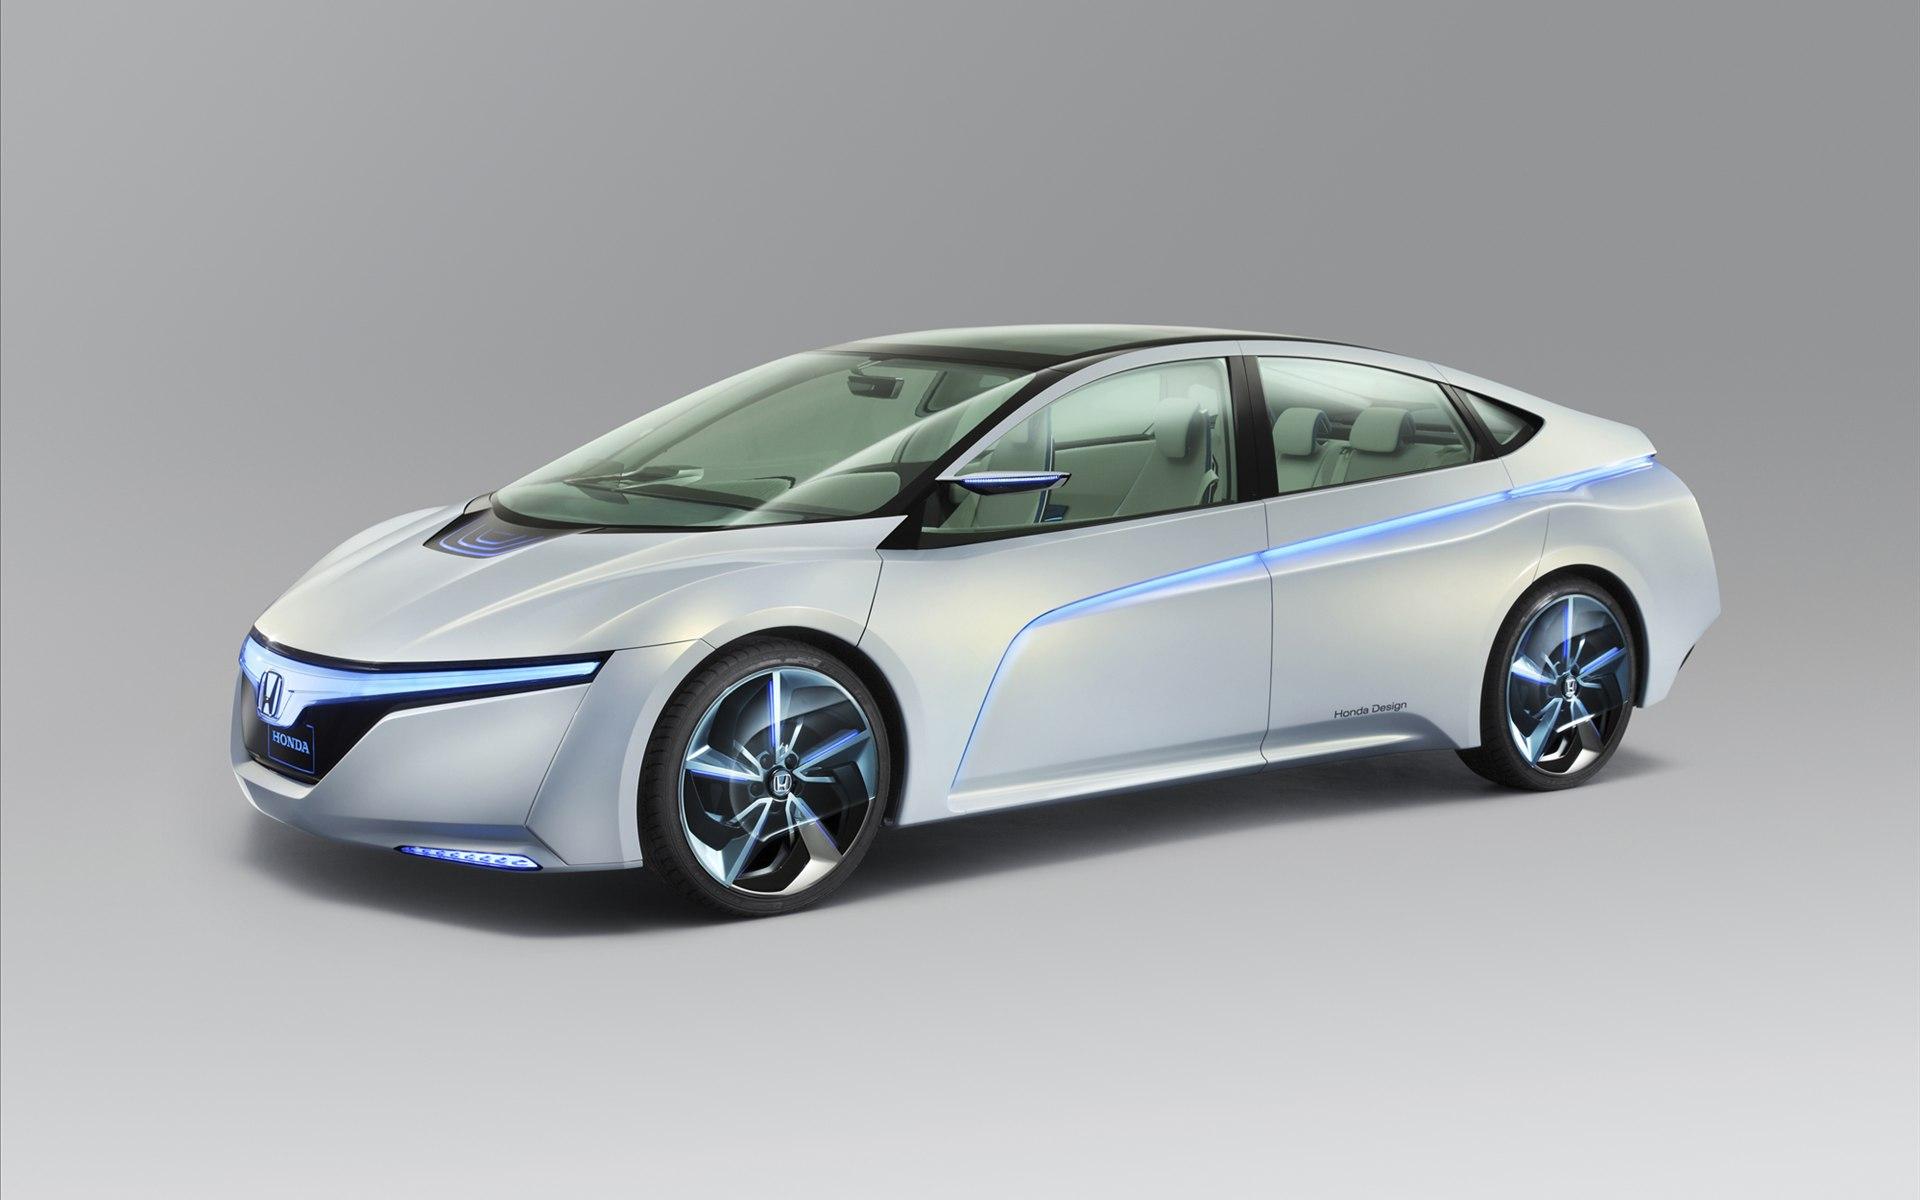 Honda Concept Car Tokyo Auto Show Wallpapers HD